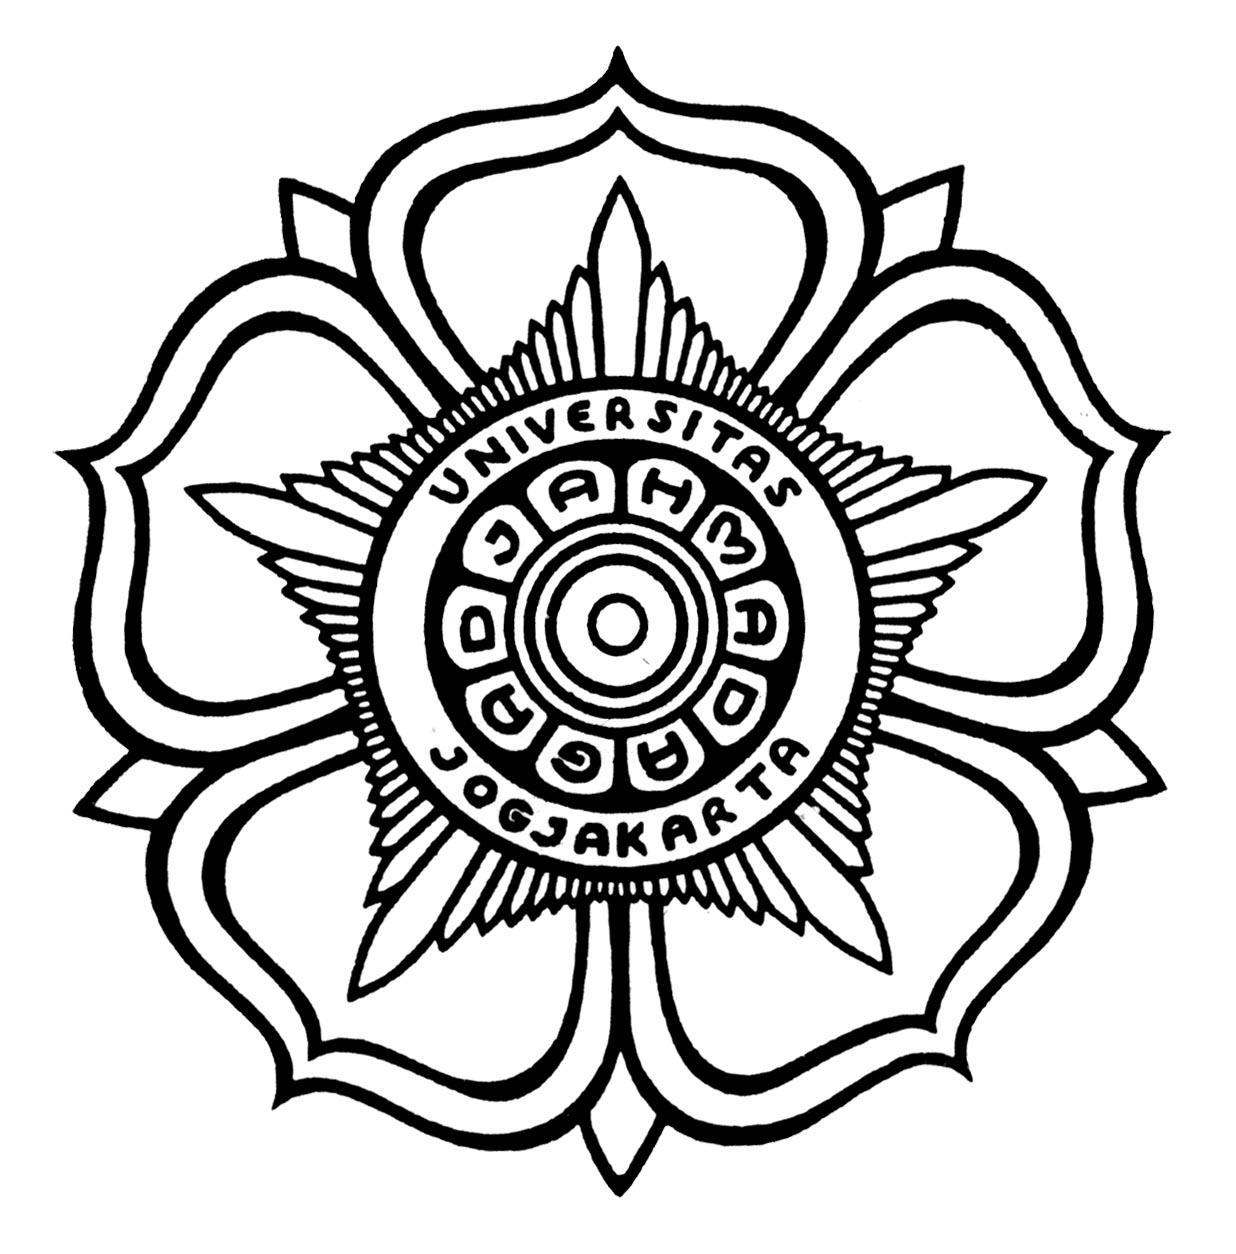 http://1.bp.blogspot.com/_Si8sctF9_uU/TPCd5s0kPRI/AAAAAAAAACg/7GiYsrYUPDs/s1600/logo-ugm-hitam-putih.jpg